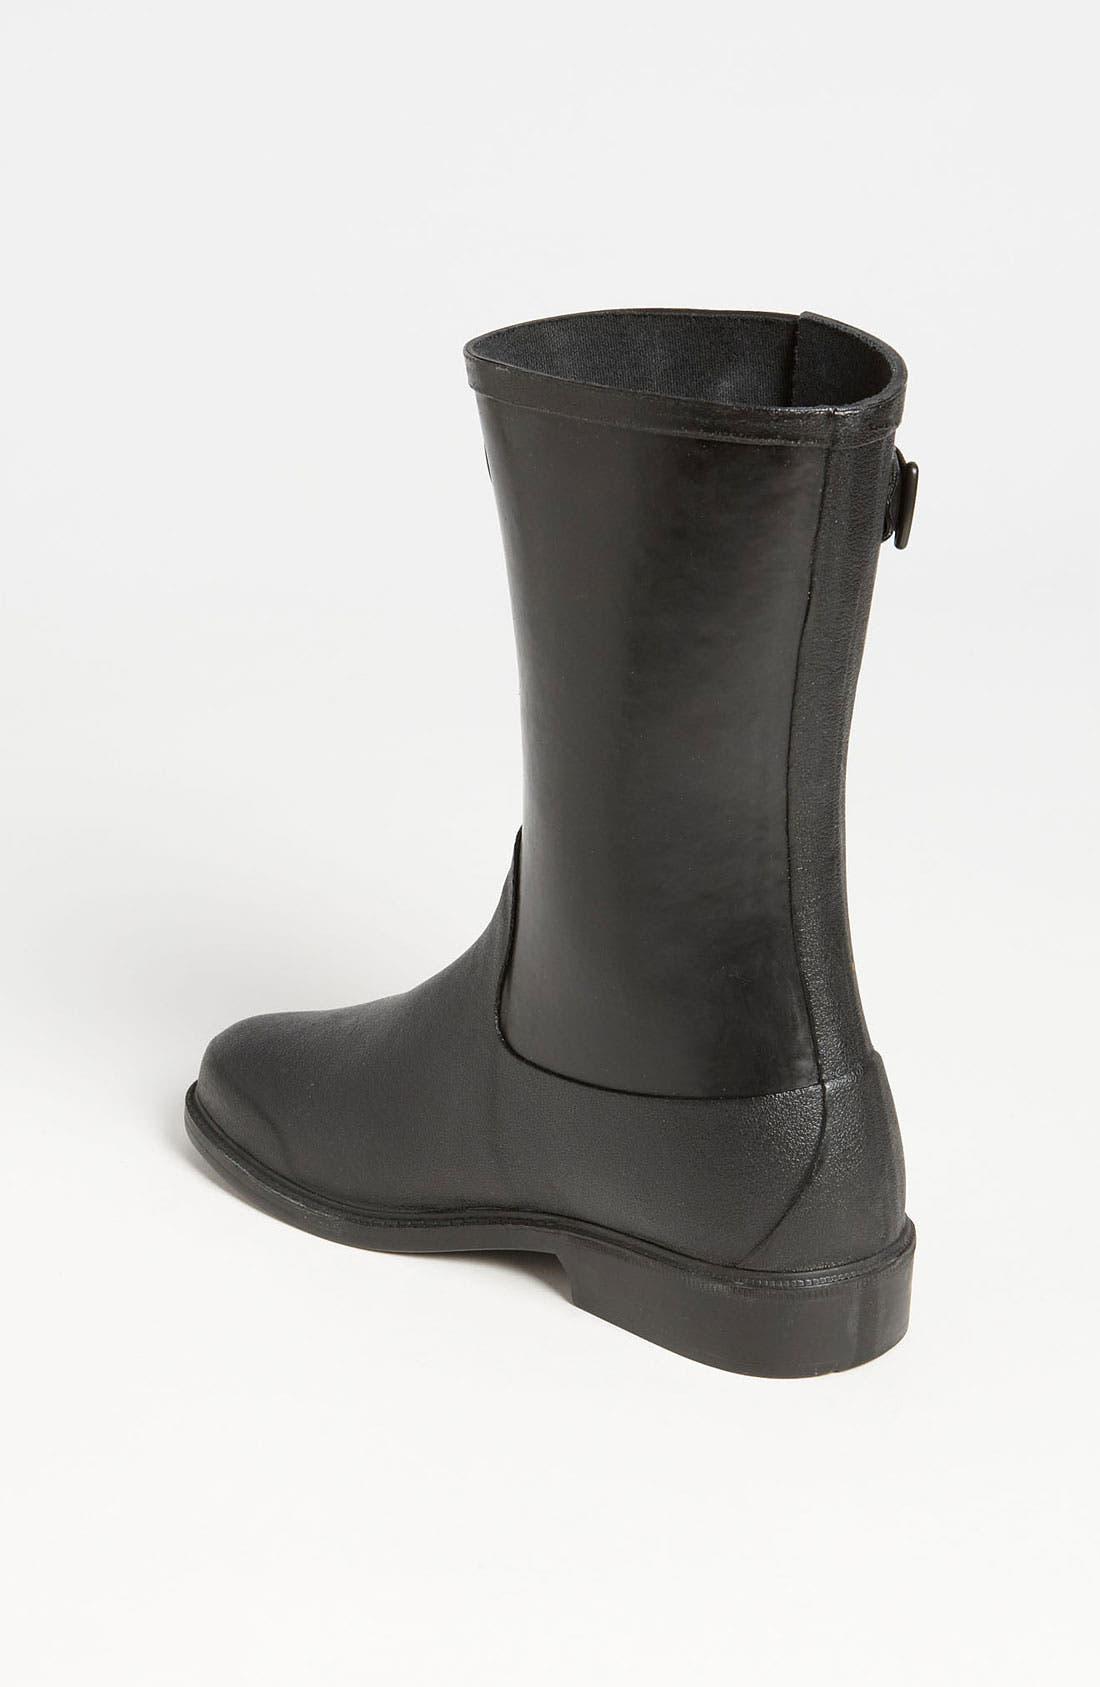 Alternate Image 2  - Le Chameau 'Cavaliere Low' Rain Boot (Women)